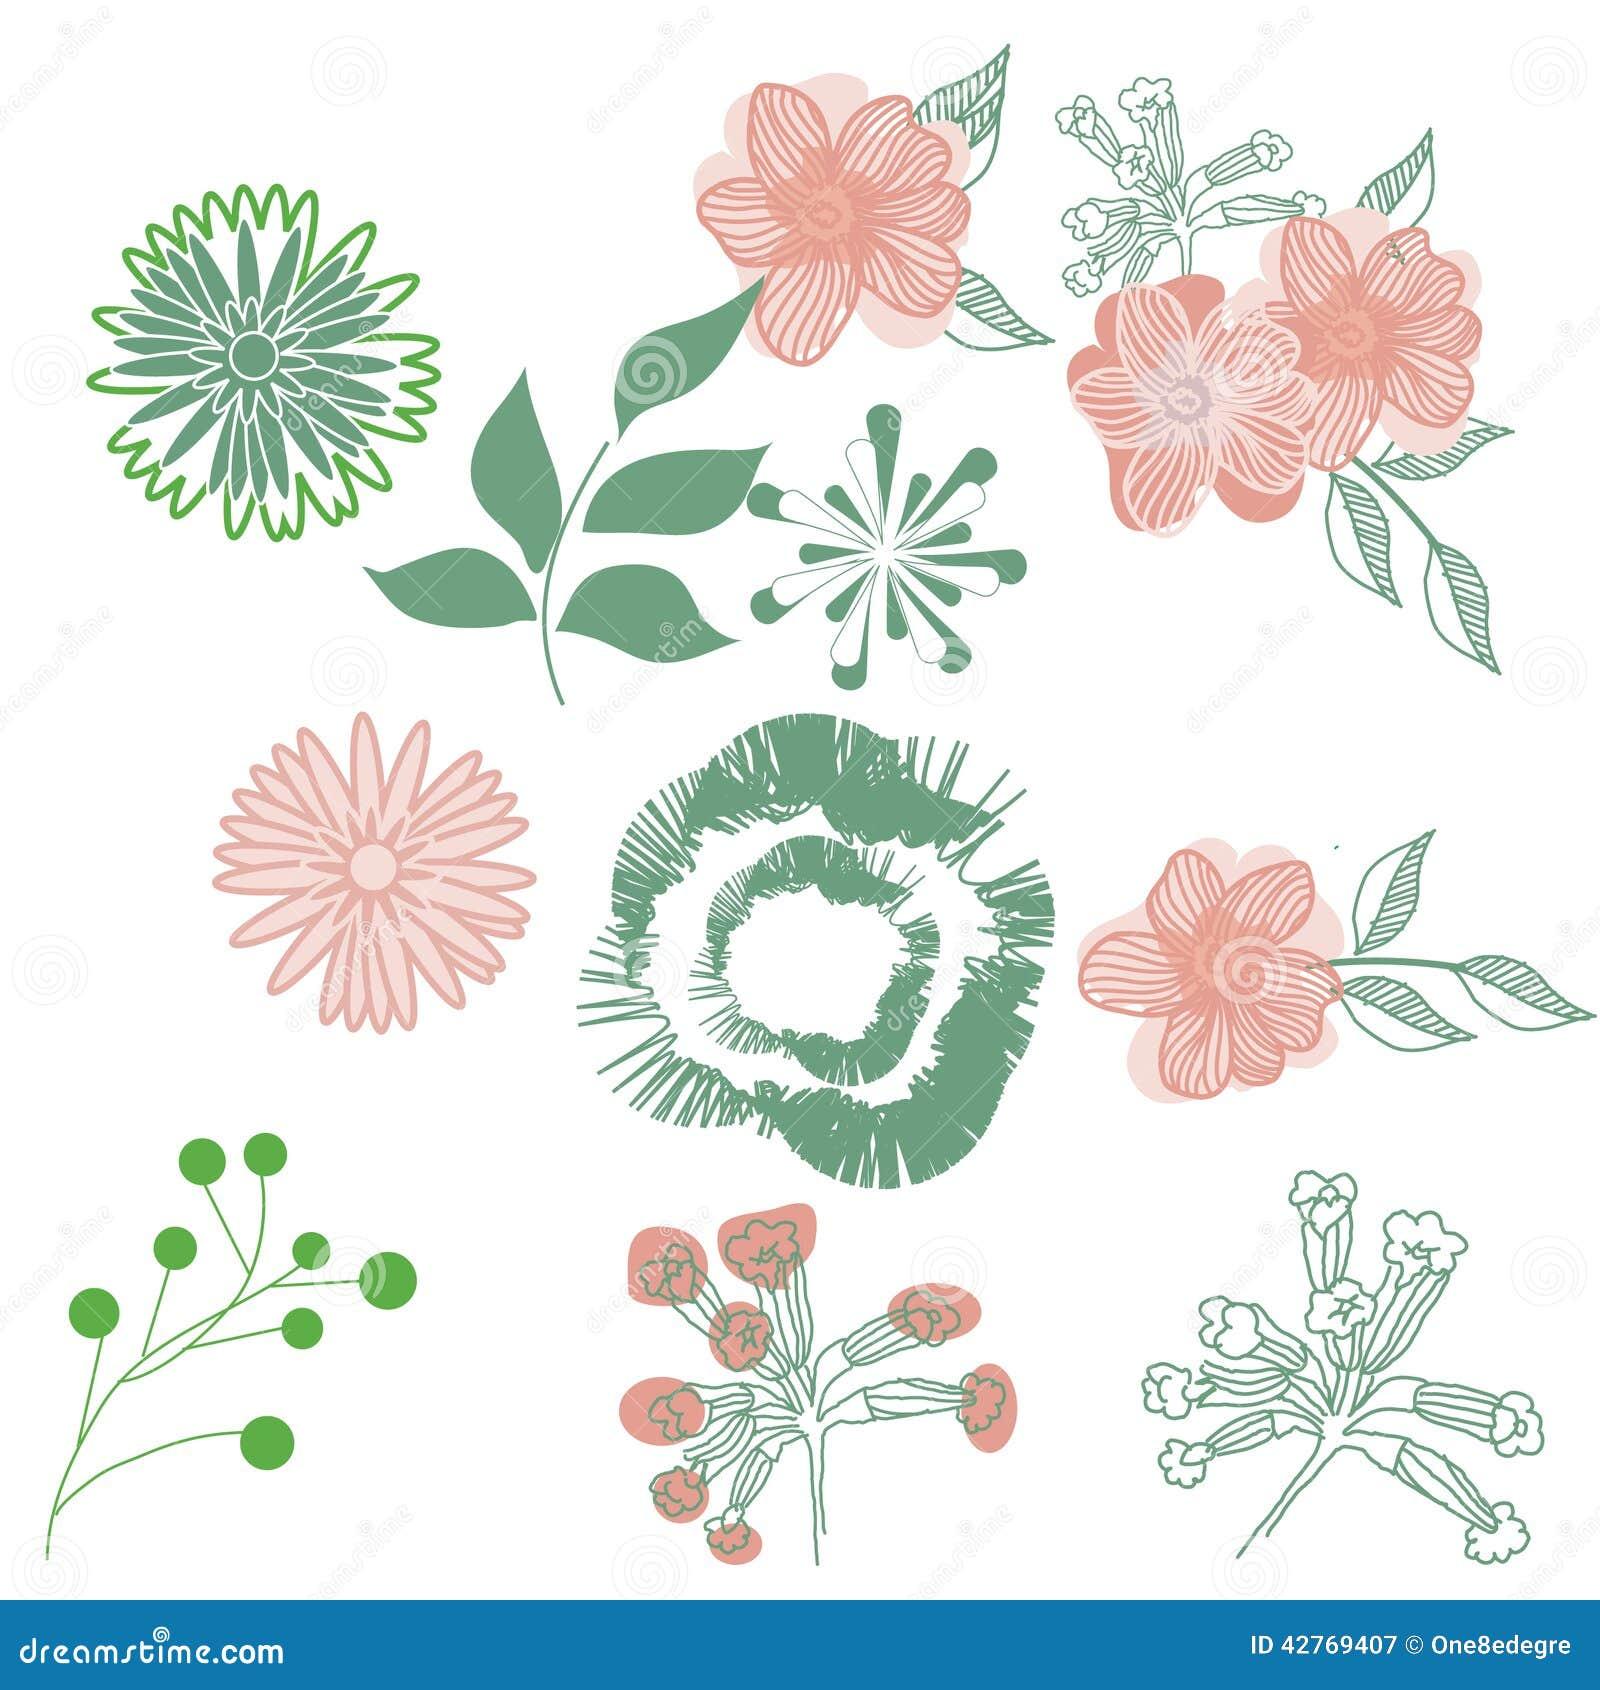 Dessin Stylisé De Fleurs Tiré Par La Main Illustration De